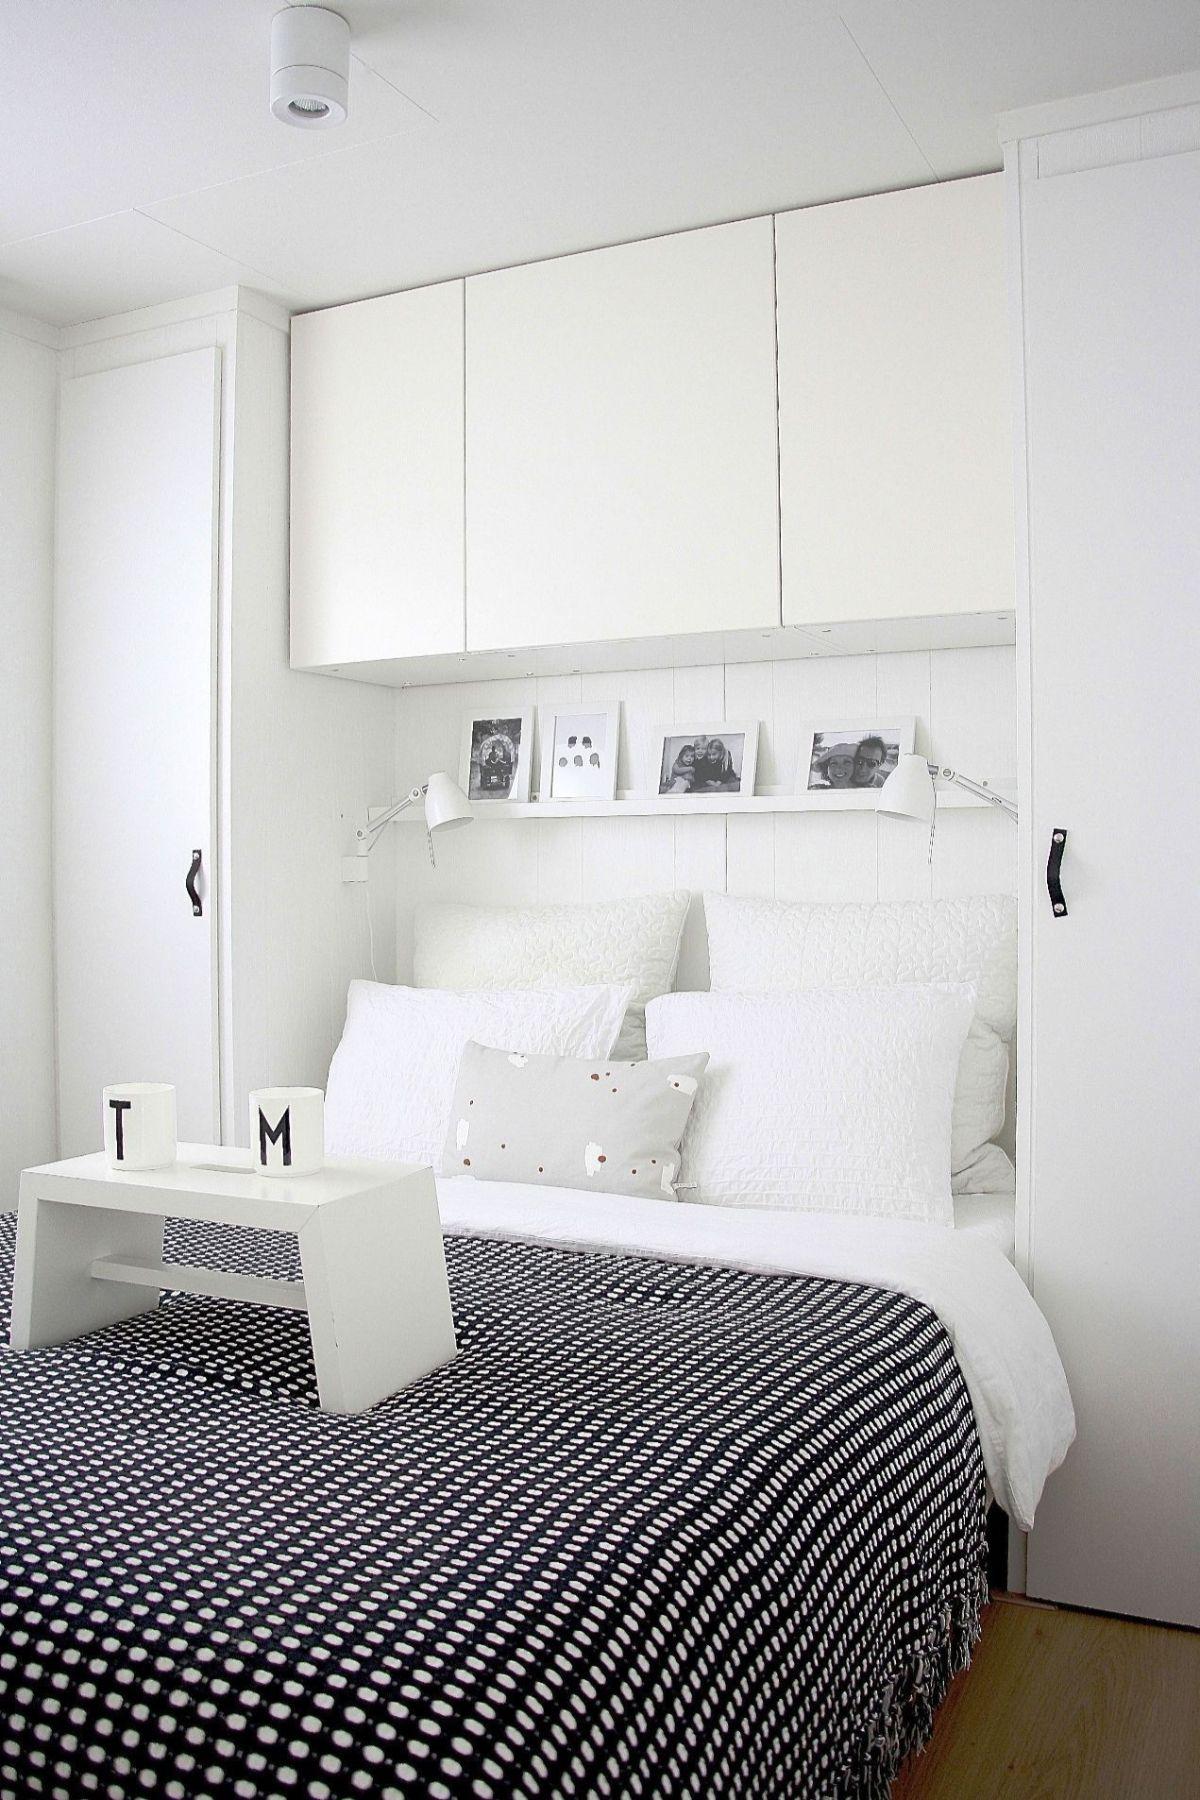 интерьер маленькой квартиры система хранения в спальне